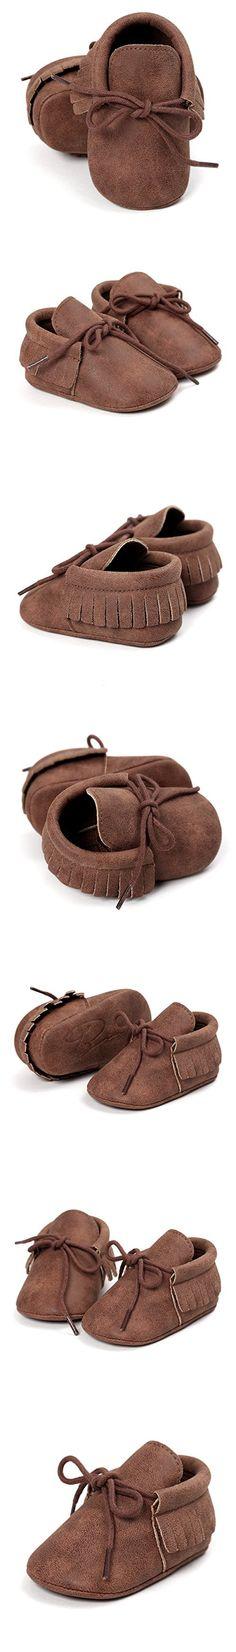 RVROVIC Baby Boys Girls Moccasins Soft Sole Tassels Prewalker Anti-Slip Shoes (L:12~18 months, PU Dark Brown)